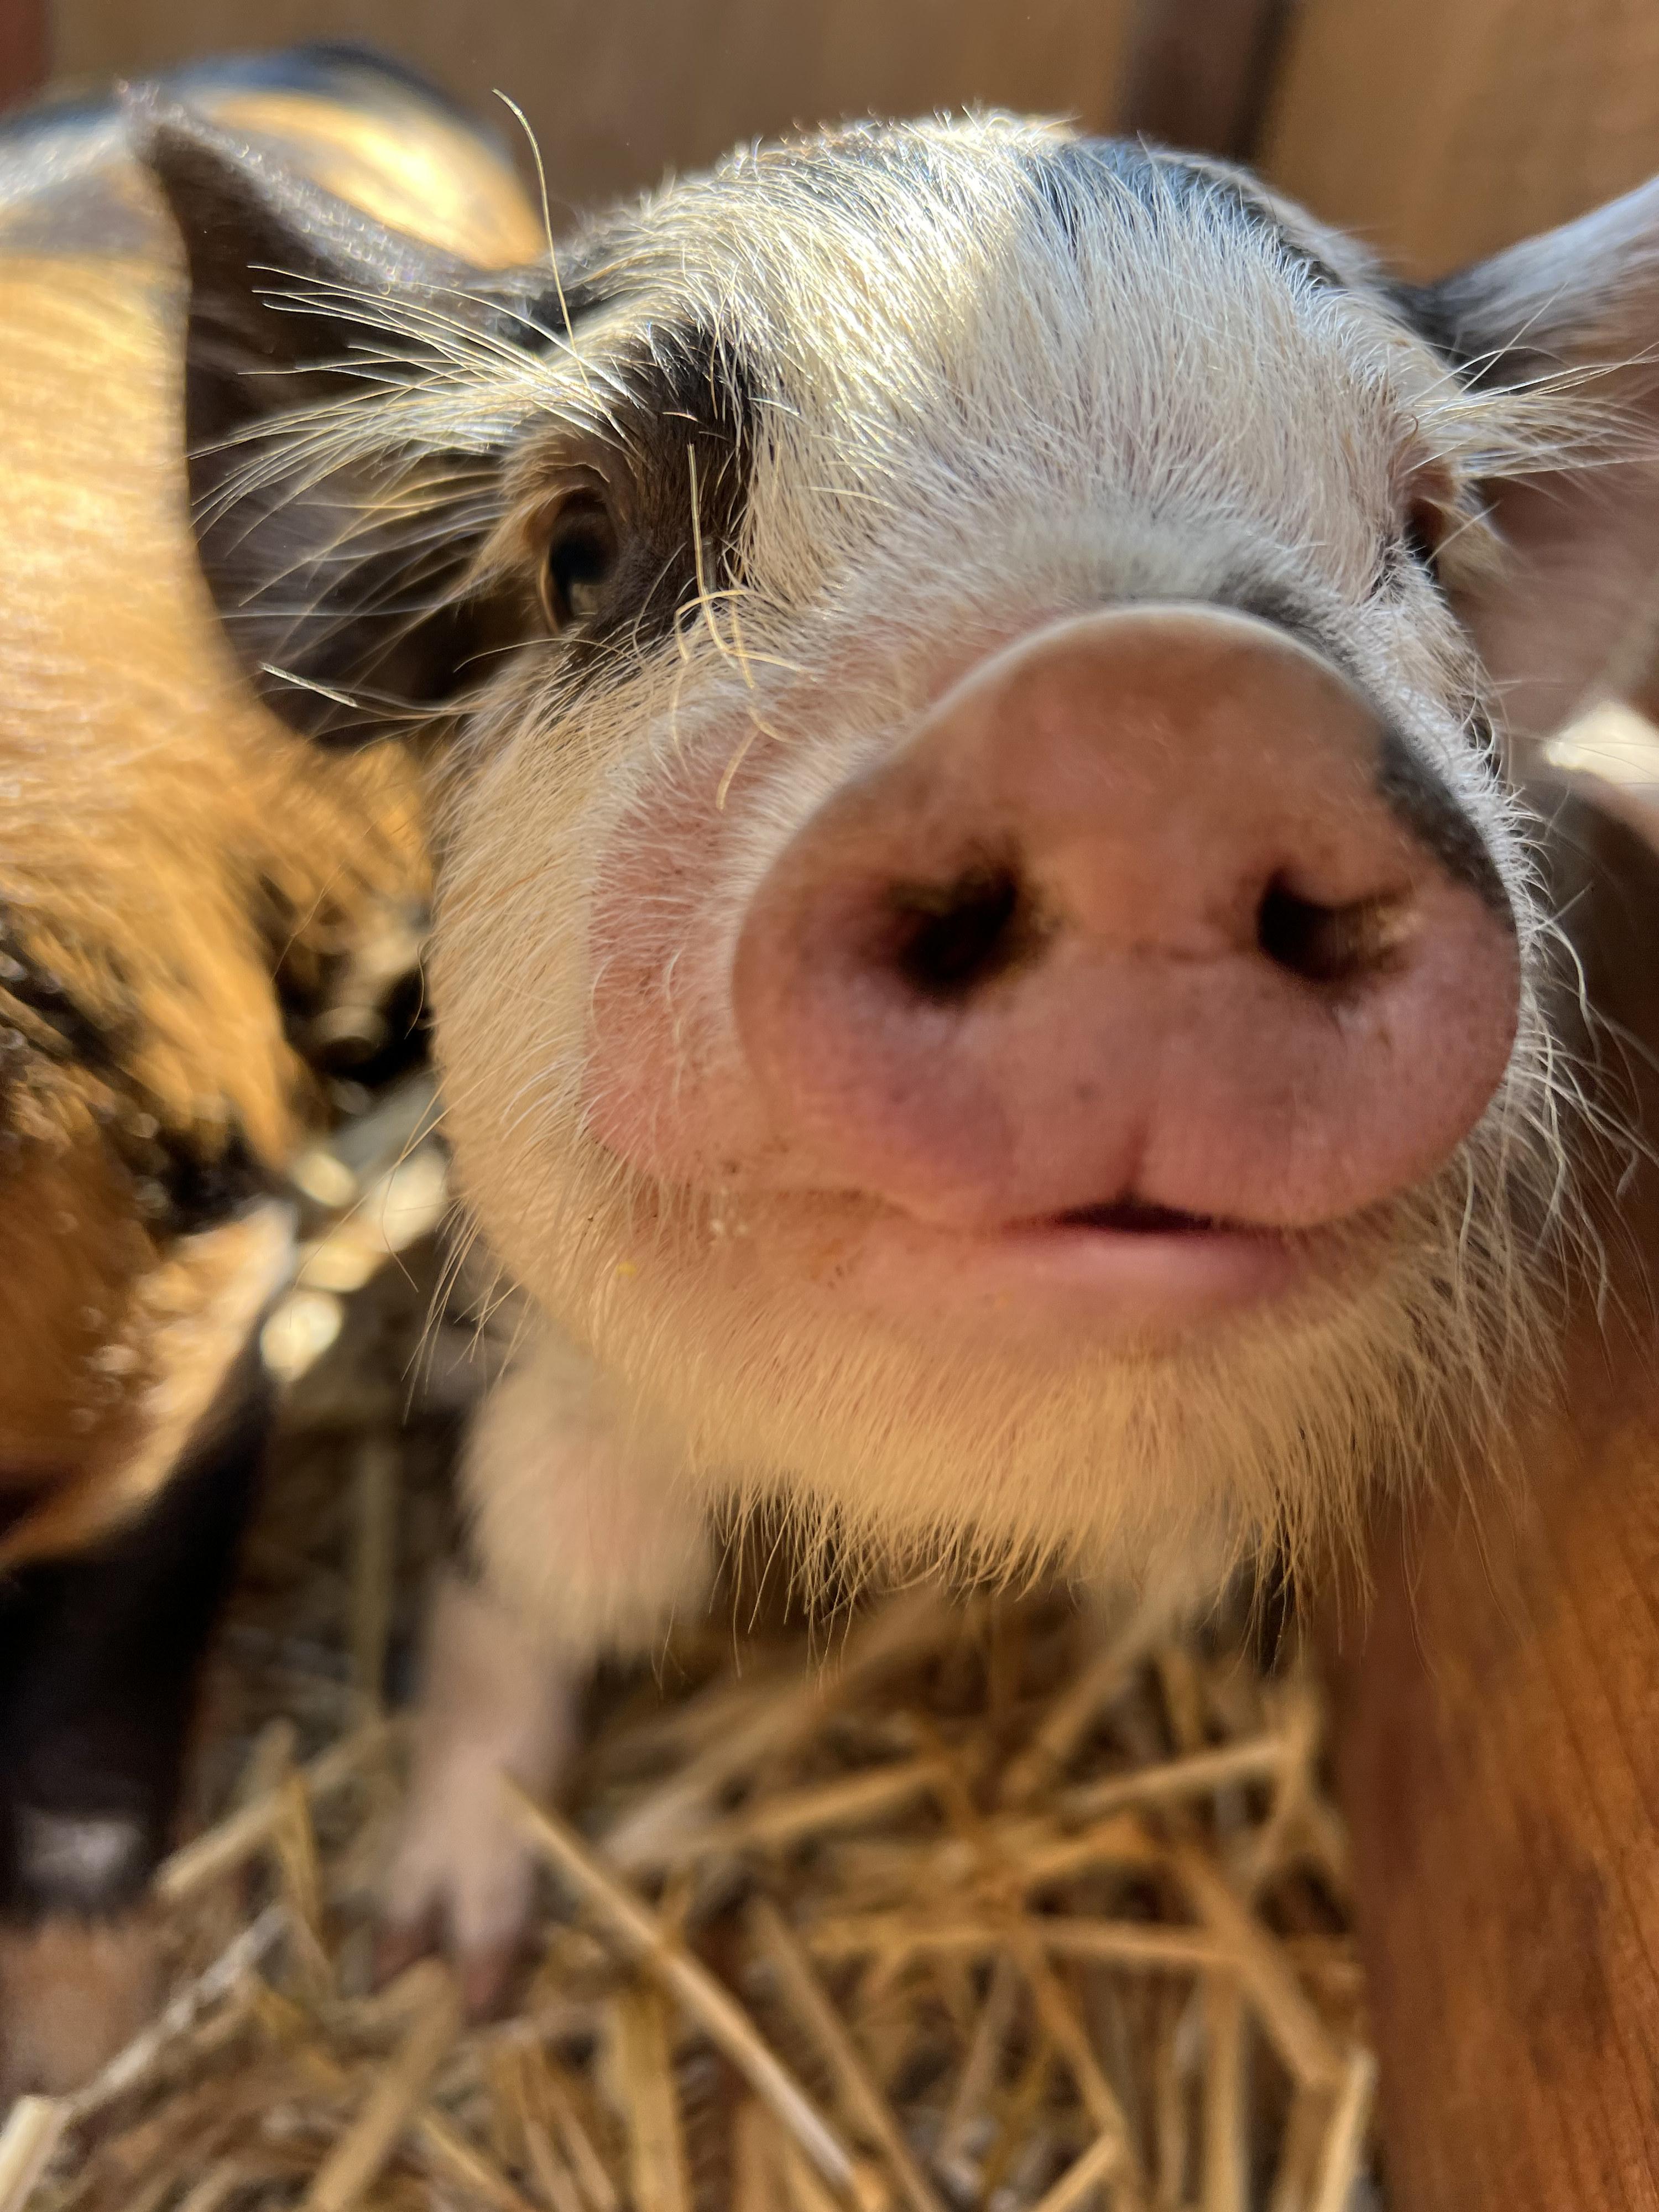 So many pigs